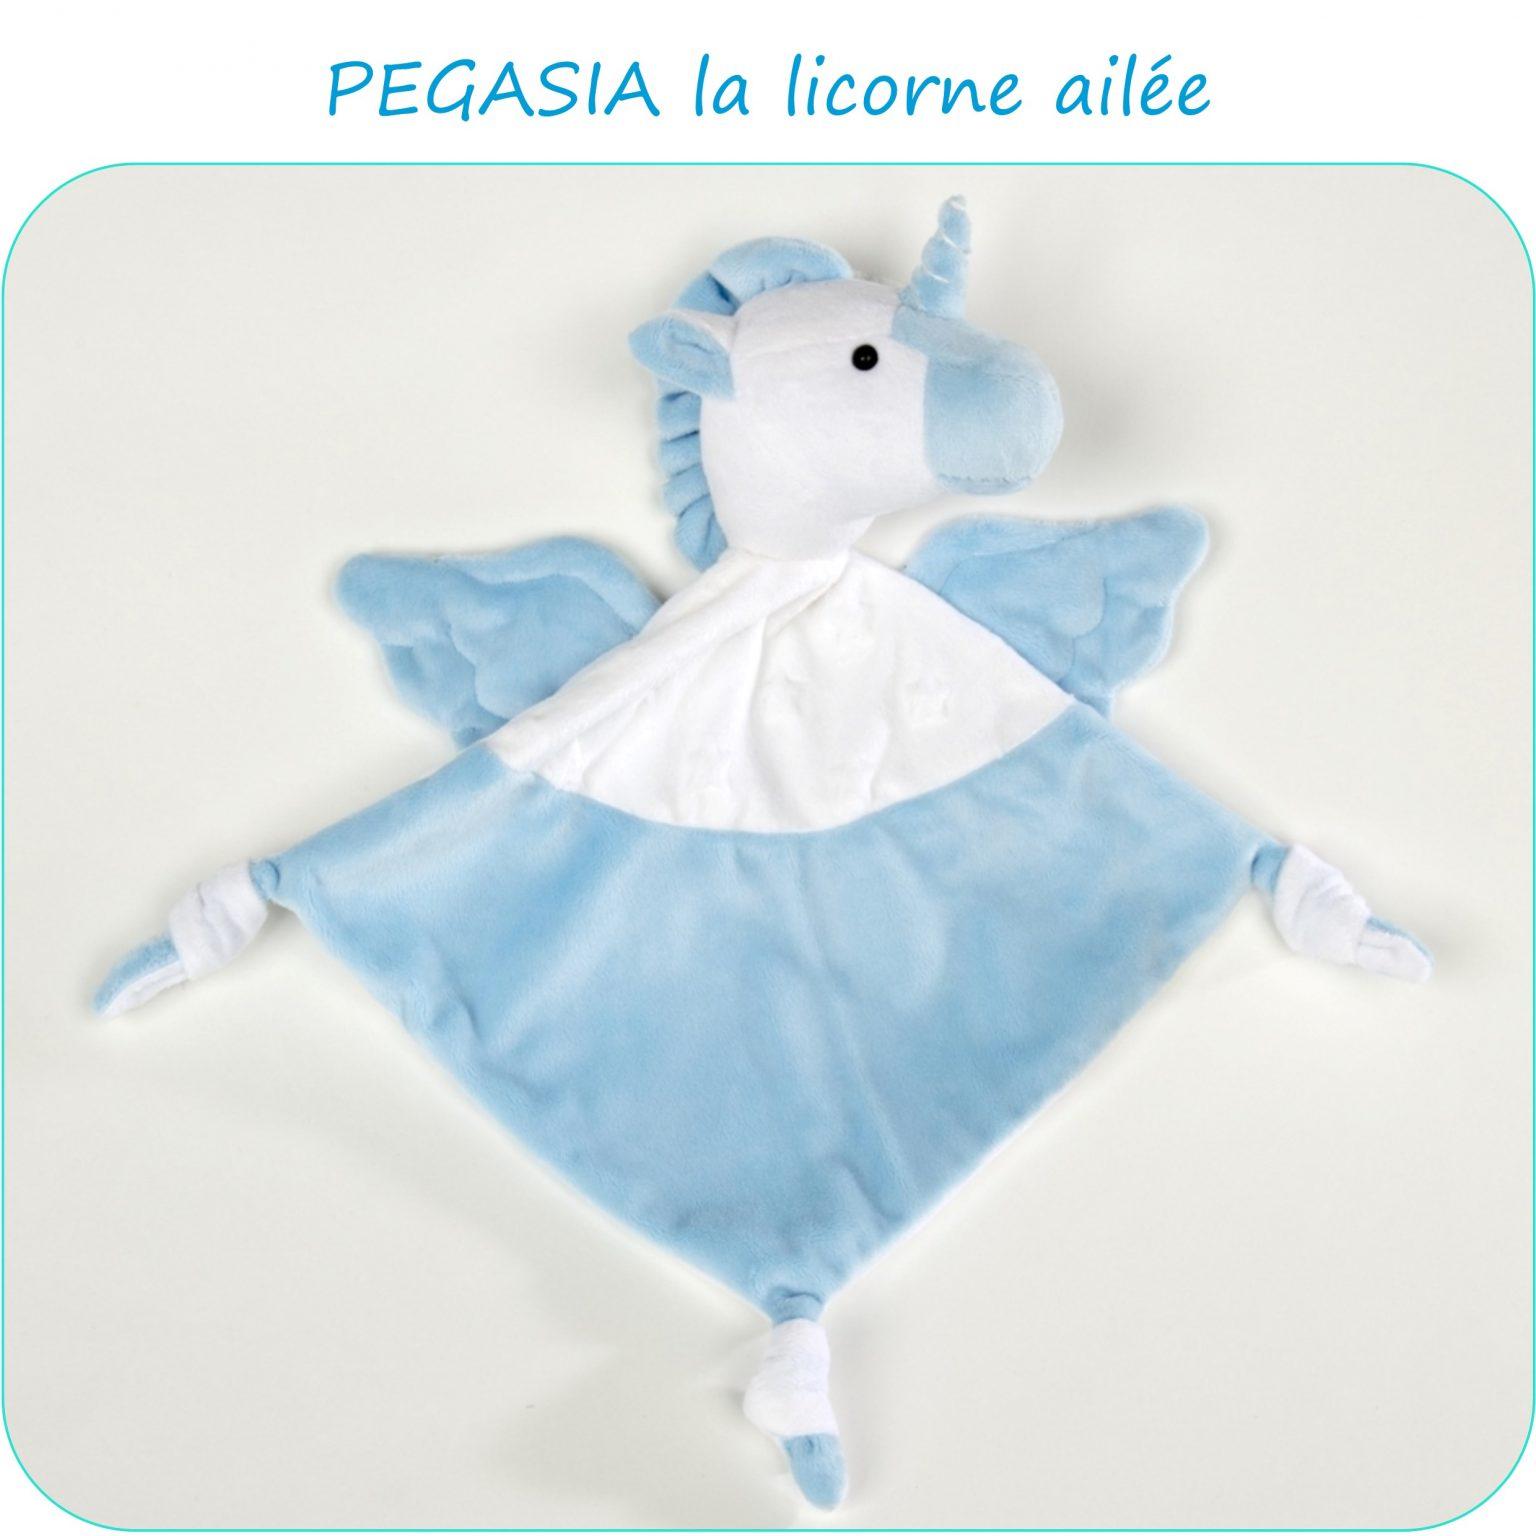 PEGASIA-PresentationSite_PetitsDom